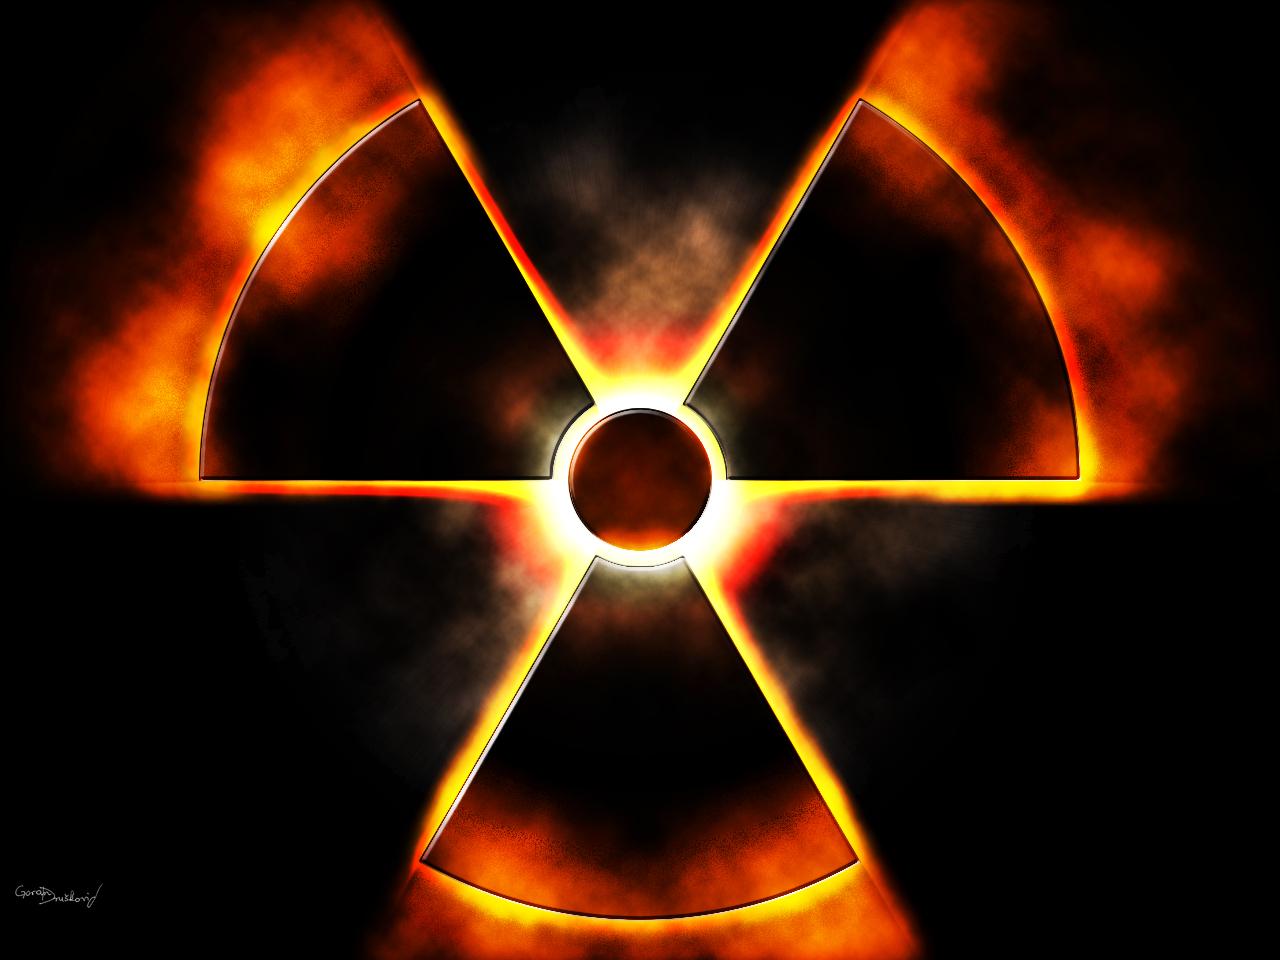 C  243 mo funciona la energ  237 a nuclear y que sucede en la fusi  243 n del    Nuclear Symbol Wallpaper